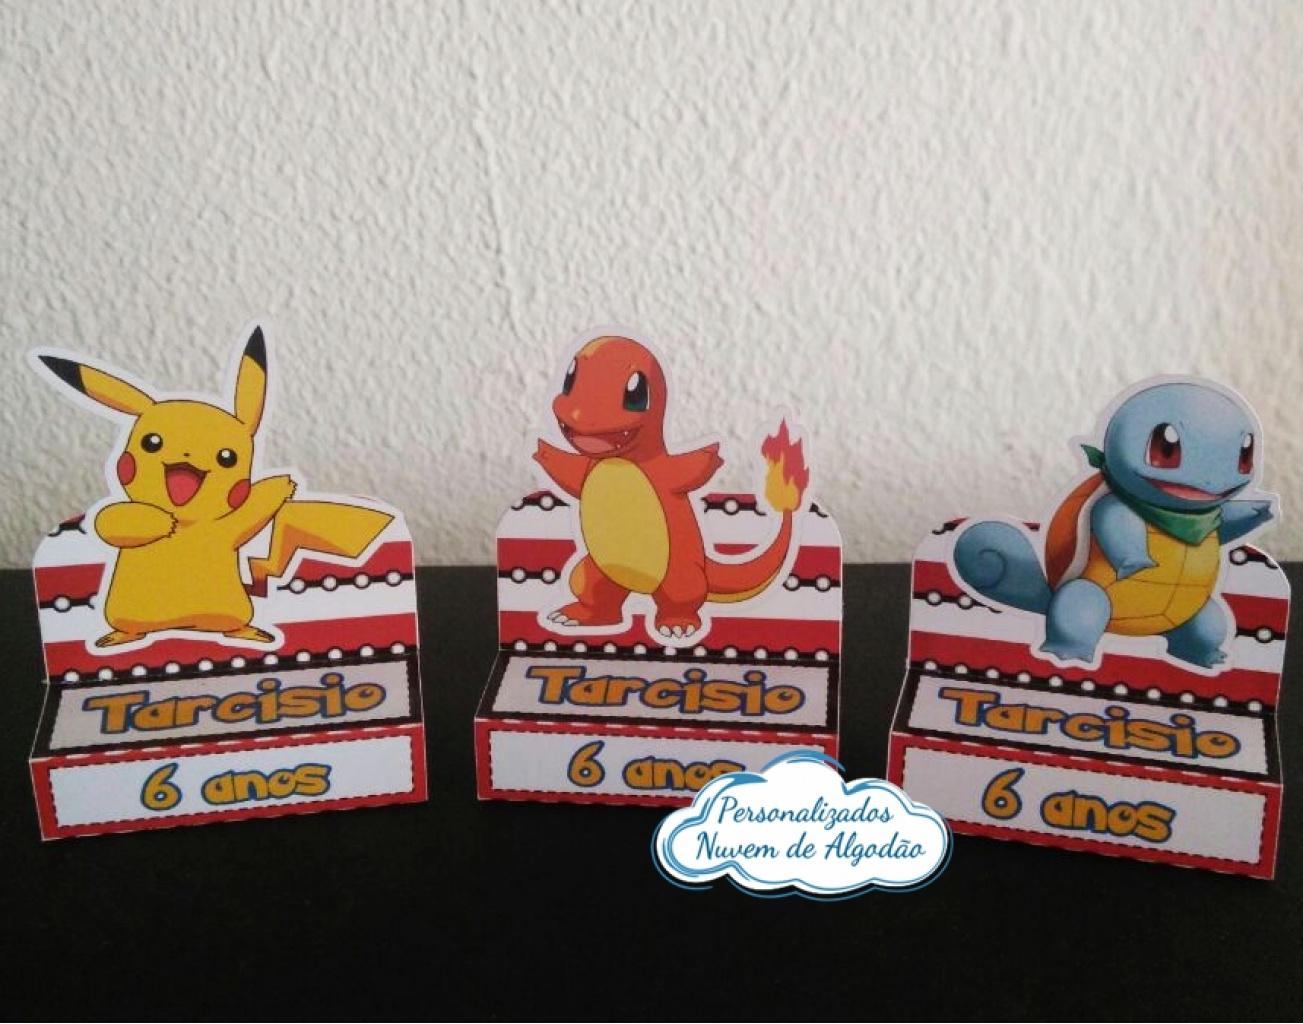 Nuvem de algodão personalizados - Porta bis duplo Pokemon